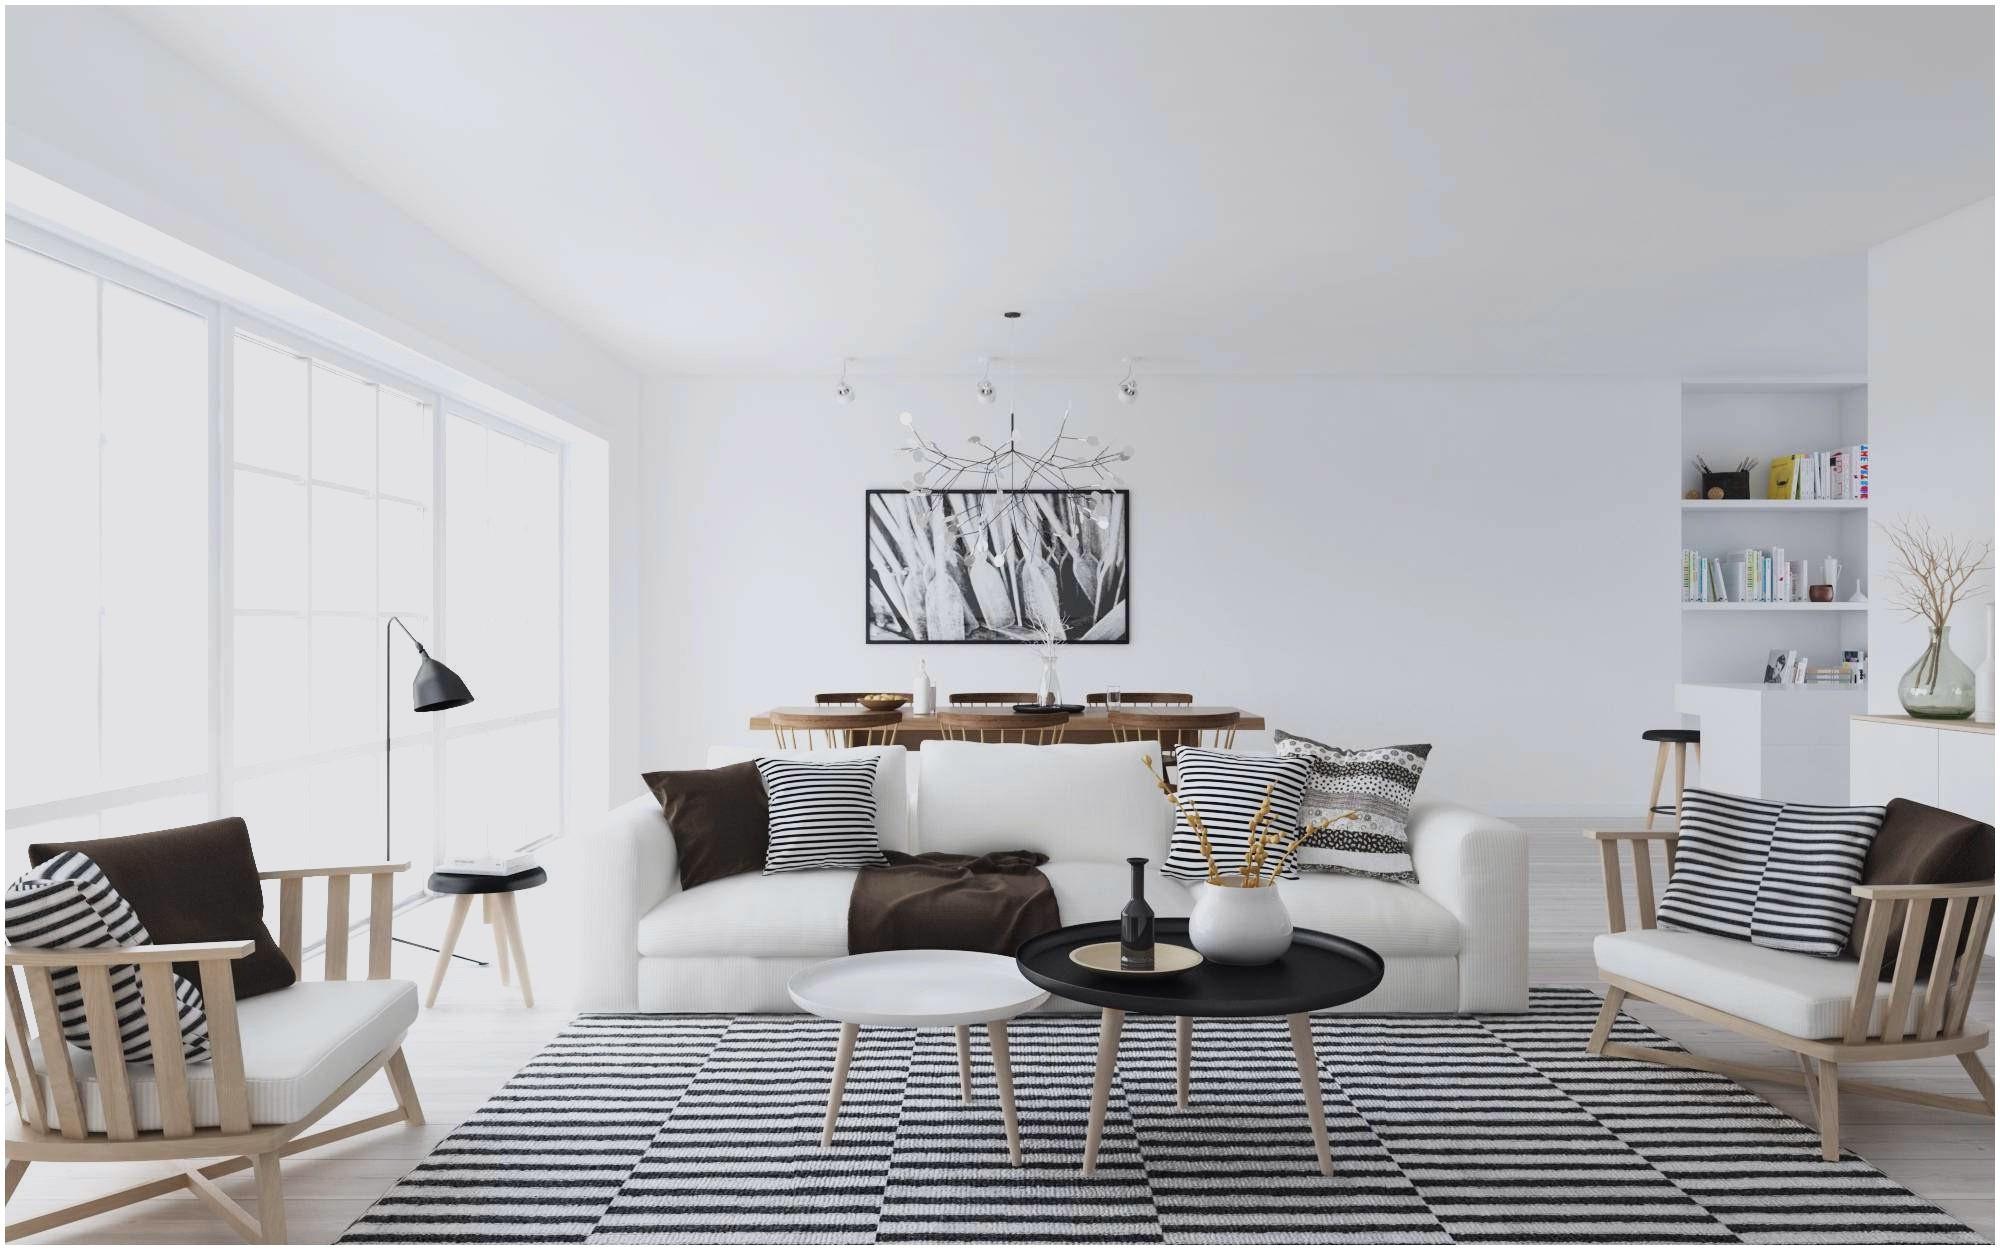 Jetée De Canapé Ikea Impressionnant Images Meilleur De 40 De Table A Manger Blanc Laqué Conception